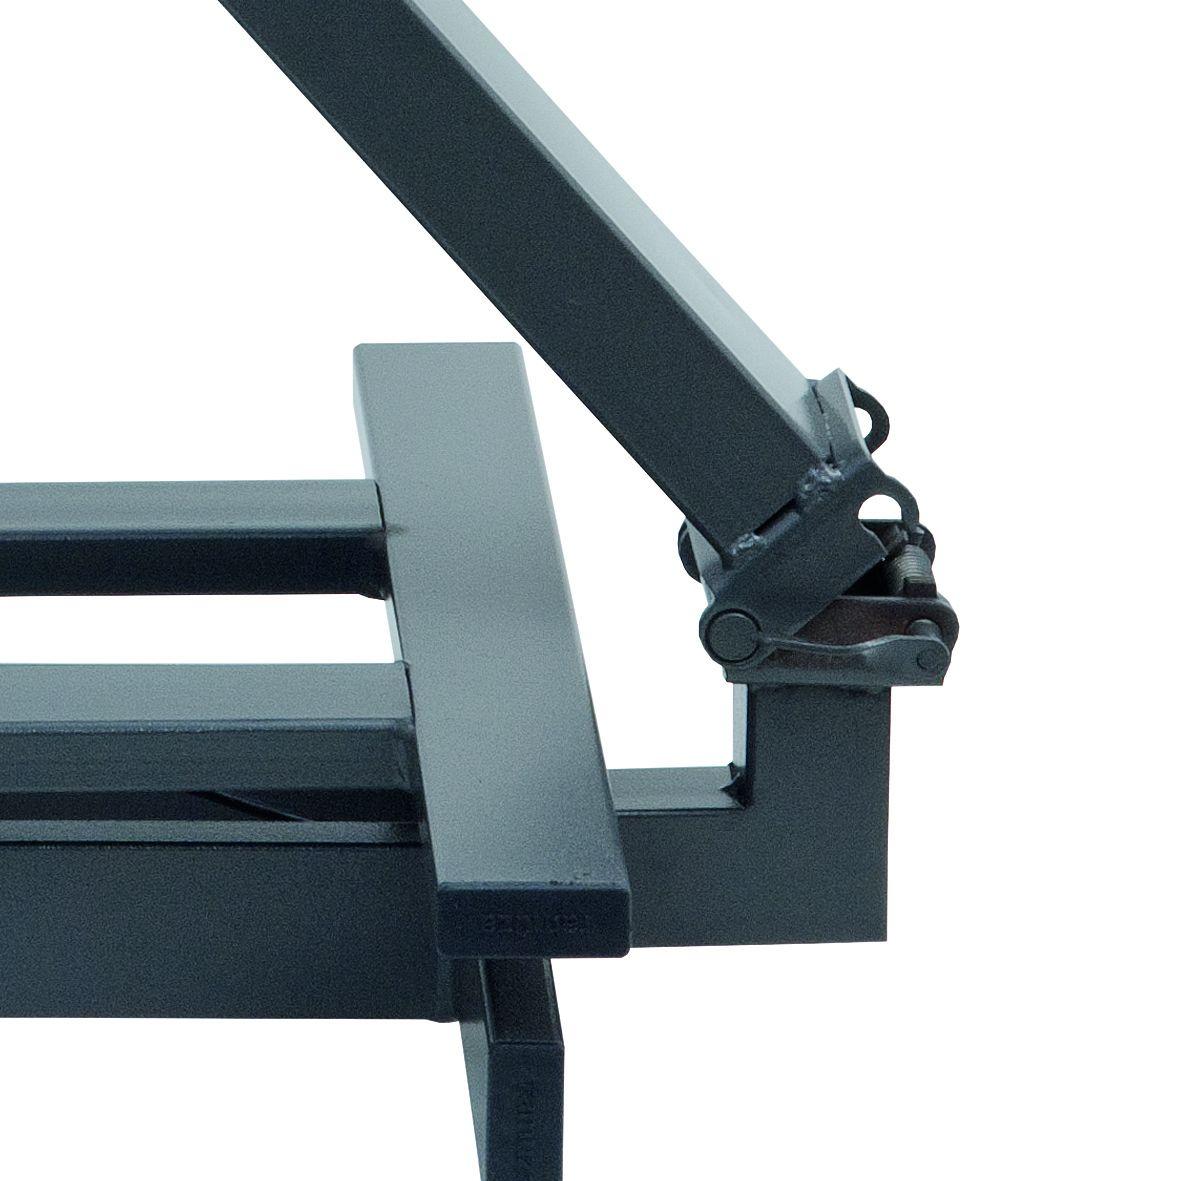 Balança Industrial Plataforma em Aço Carbono Ramuza DP - Capacidade: 300kg, Base: 50x50cm, IDR de ABS com bateria